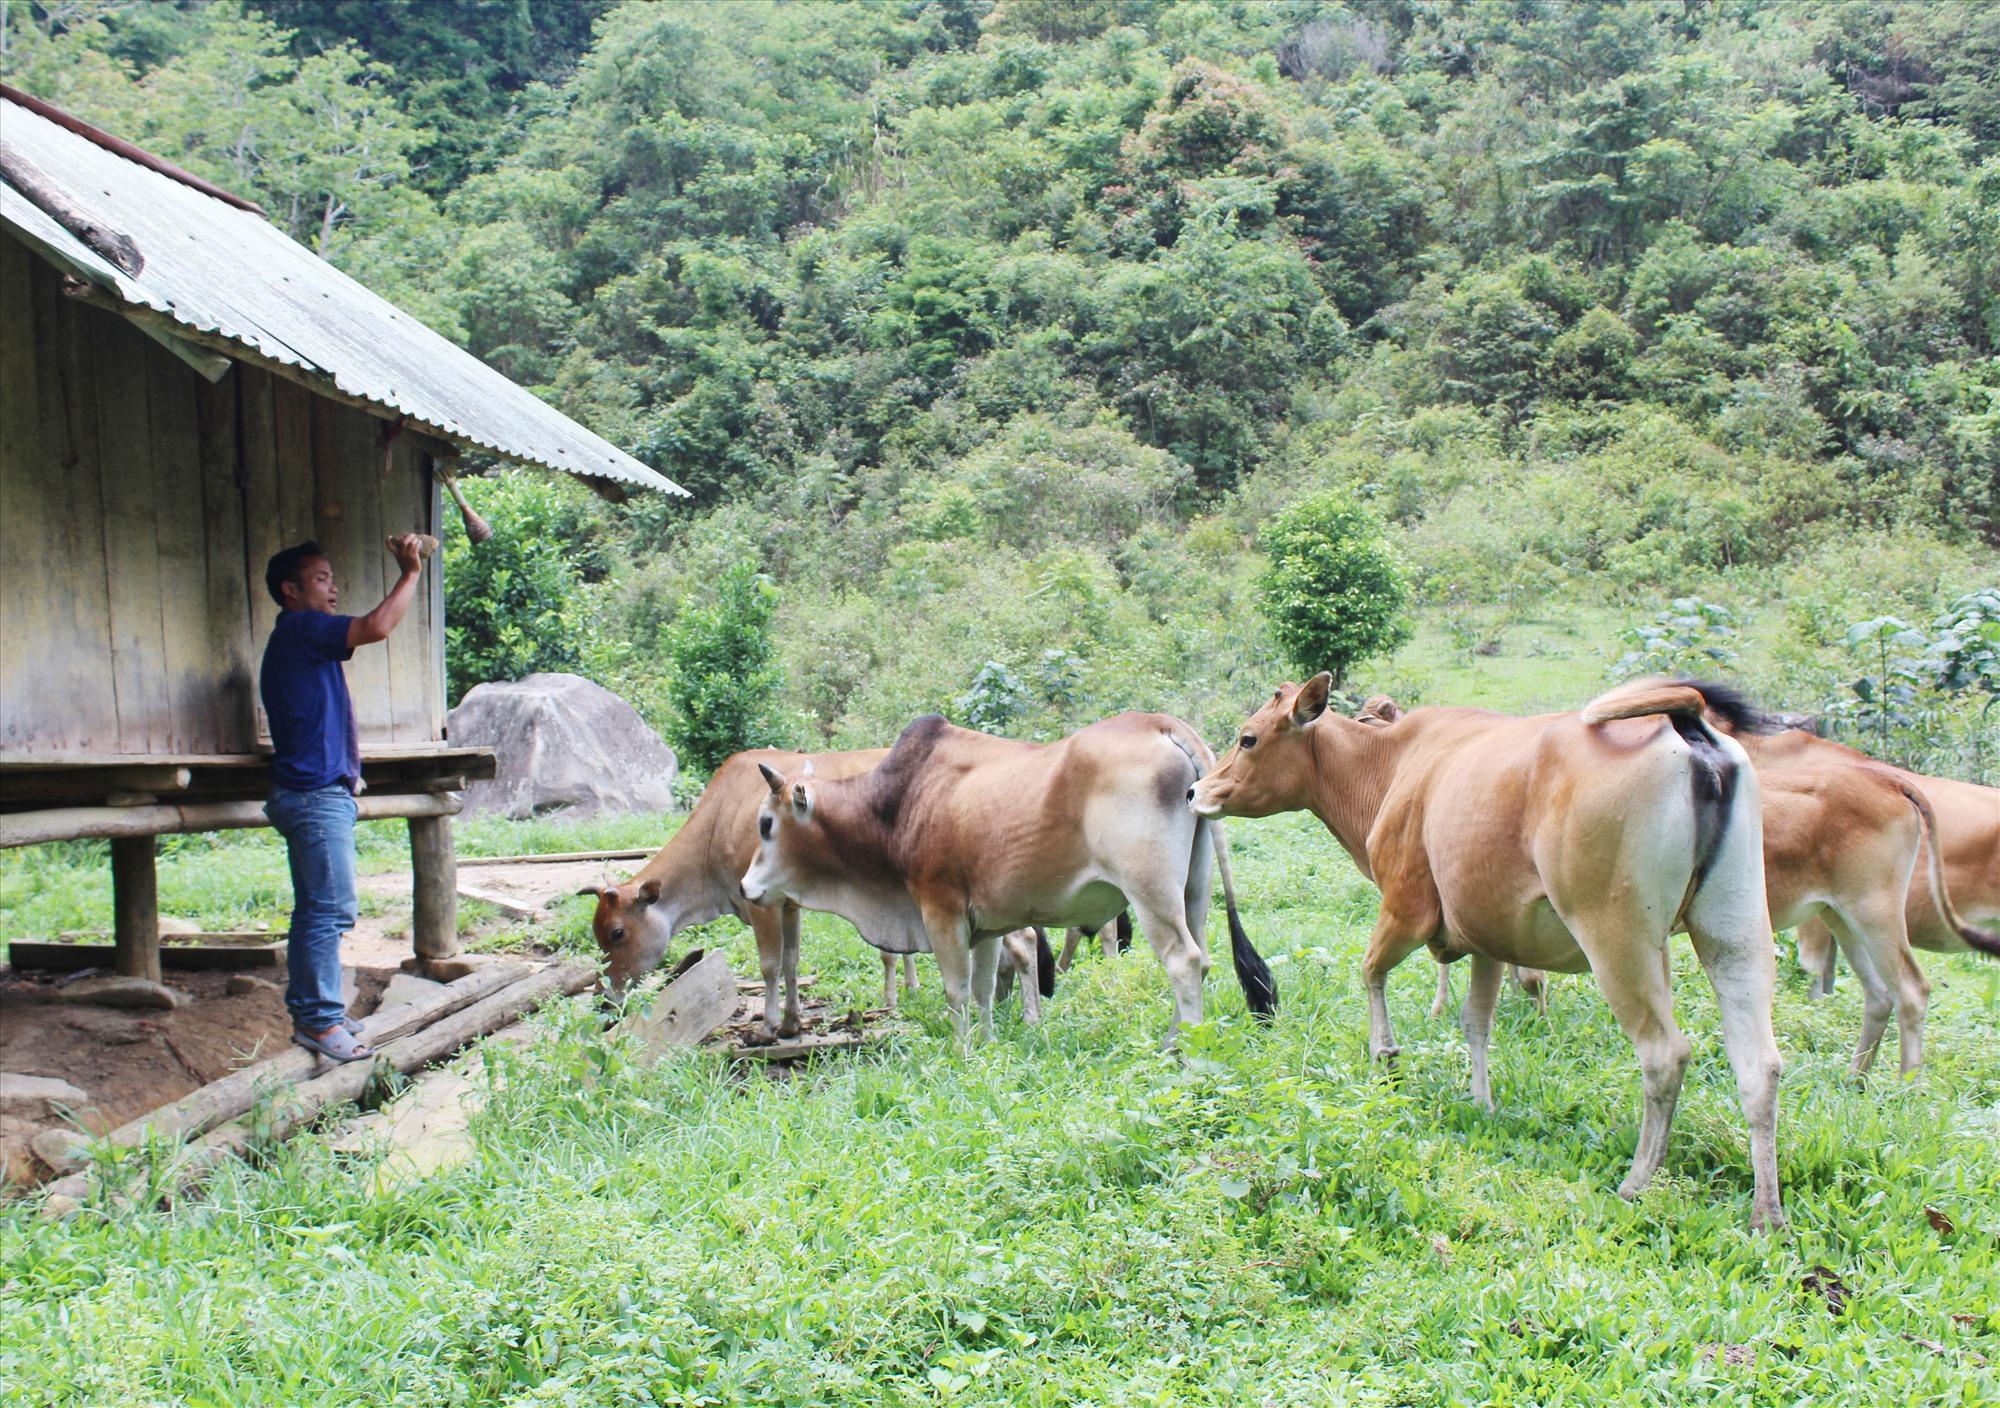 Chăn nuôi khoanh vùng kết hợp với làm chuồng trại cho trâu bò trú vào mùa đông là mô hình chăn nuôi hiệu quả ở các xã vùng cao Tây Giang. Ảnh: Đ.H